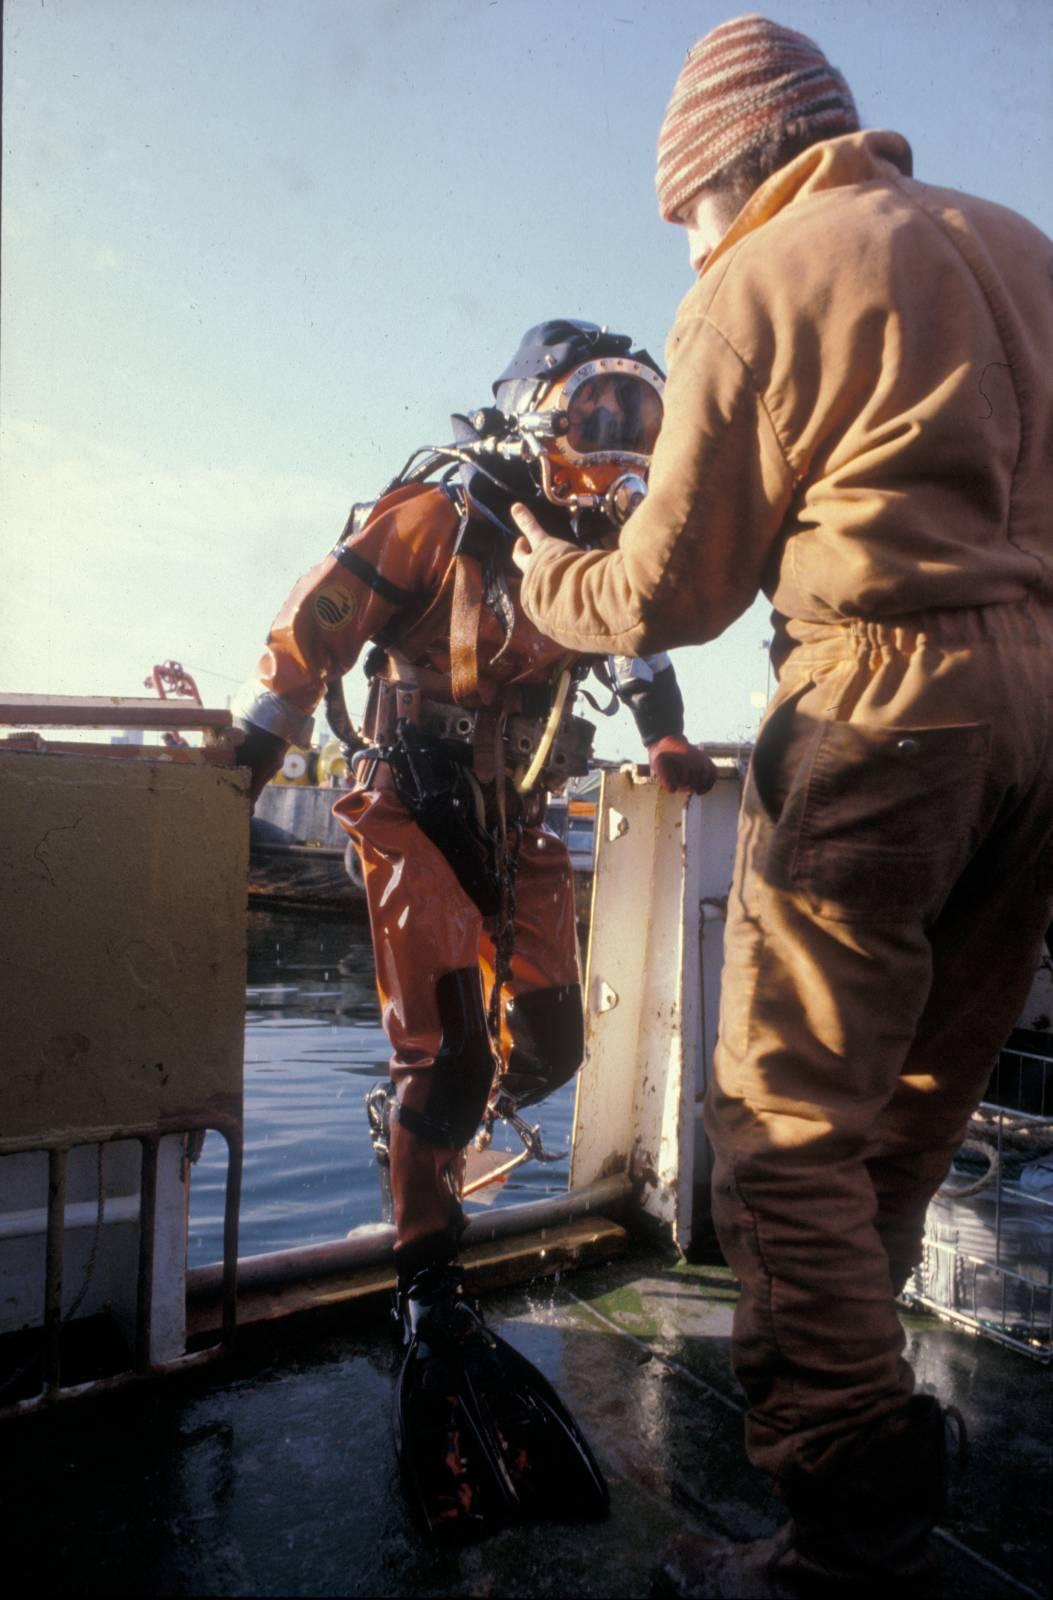 Når du dykker i kveldingen, går lyset gradvis fra mørkeblått til svart. Det lille lyset som er, blir mindre for hver meter du beveger deg bort fra klokken. Snart er det bare lysstripen fra lommelykten igjen. Stemningen er trykket og trolsk. Angus Kleppe, dykker, Seaway Falcon Foto: Jan Egil Pettersen/Norsk Oljemuseum